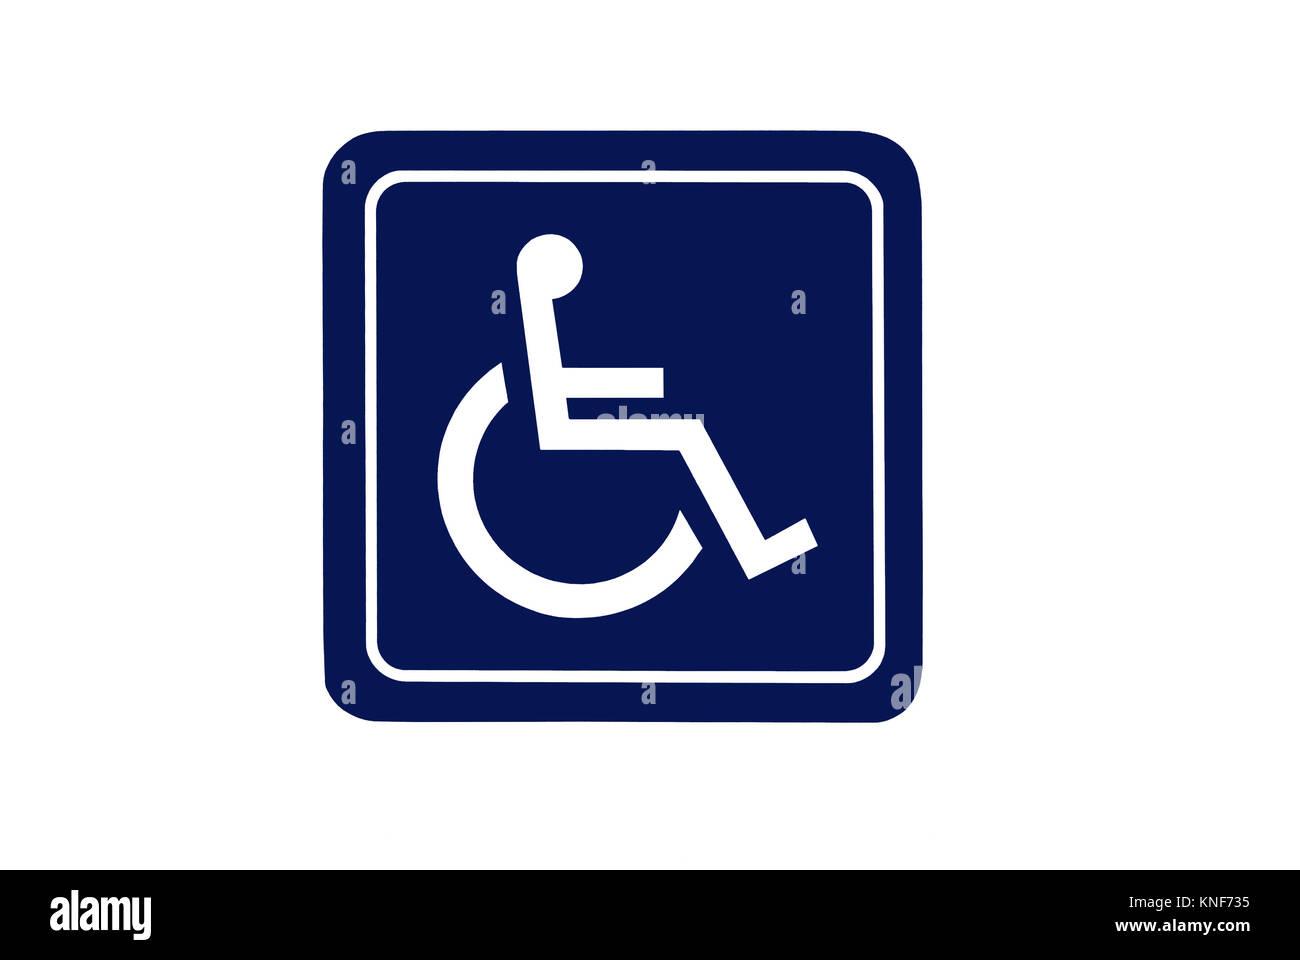 Handicap Parking Permit Holder